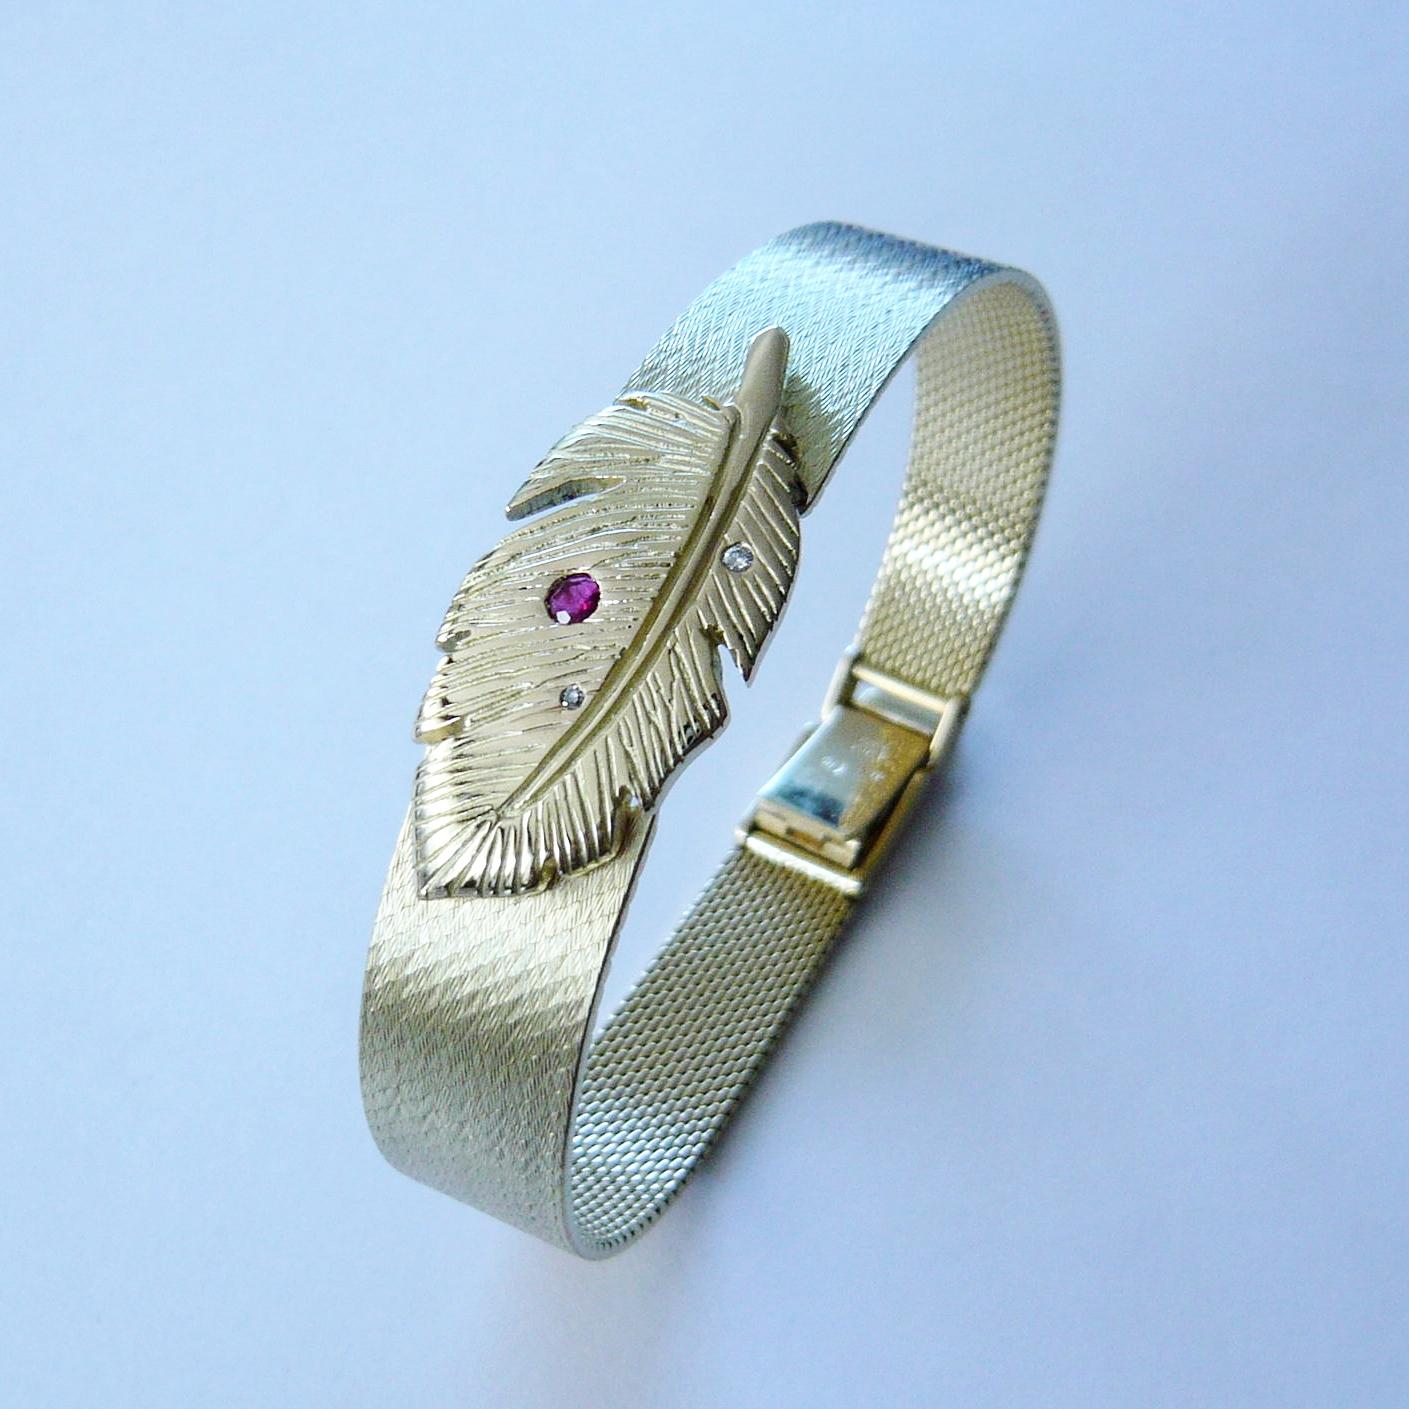 Umbau Uhren-Armband - KundenanfertigungGelbgold 750 / Rubin / Brillanten